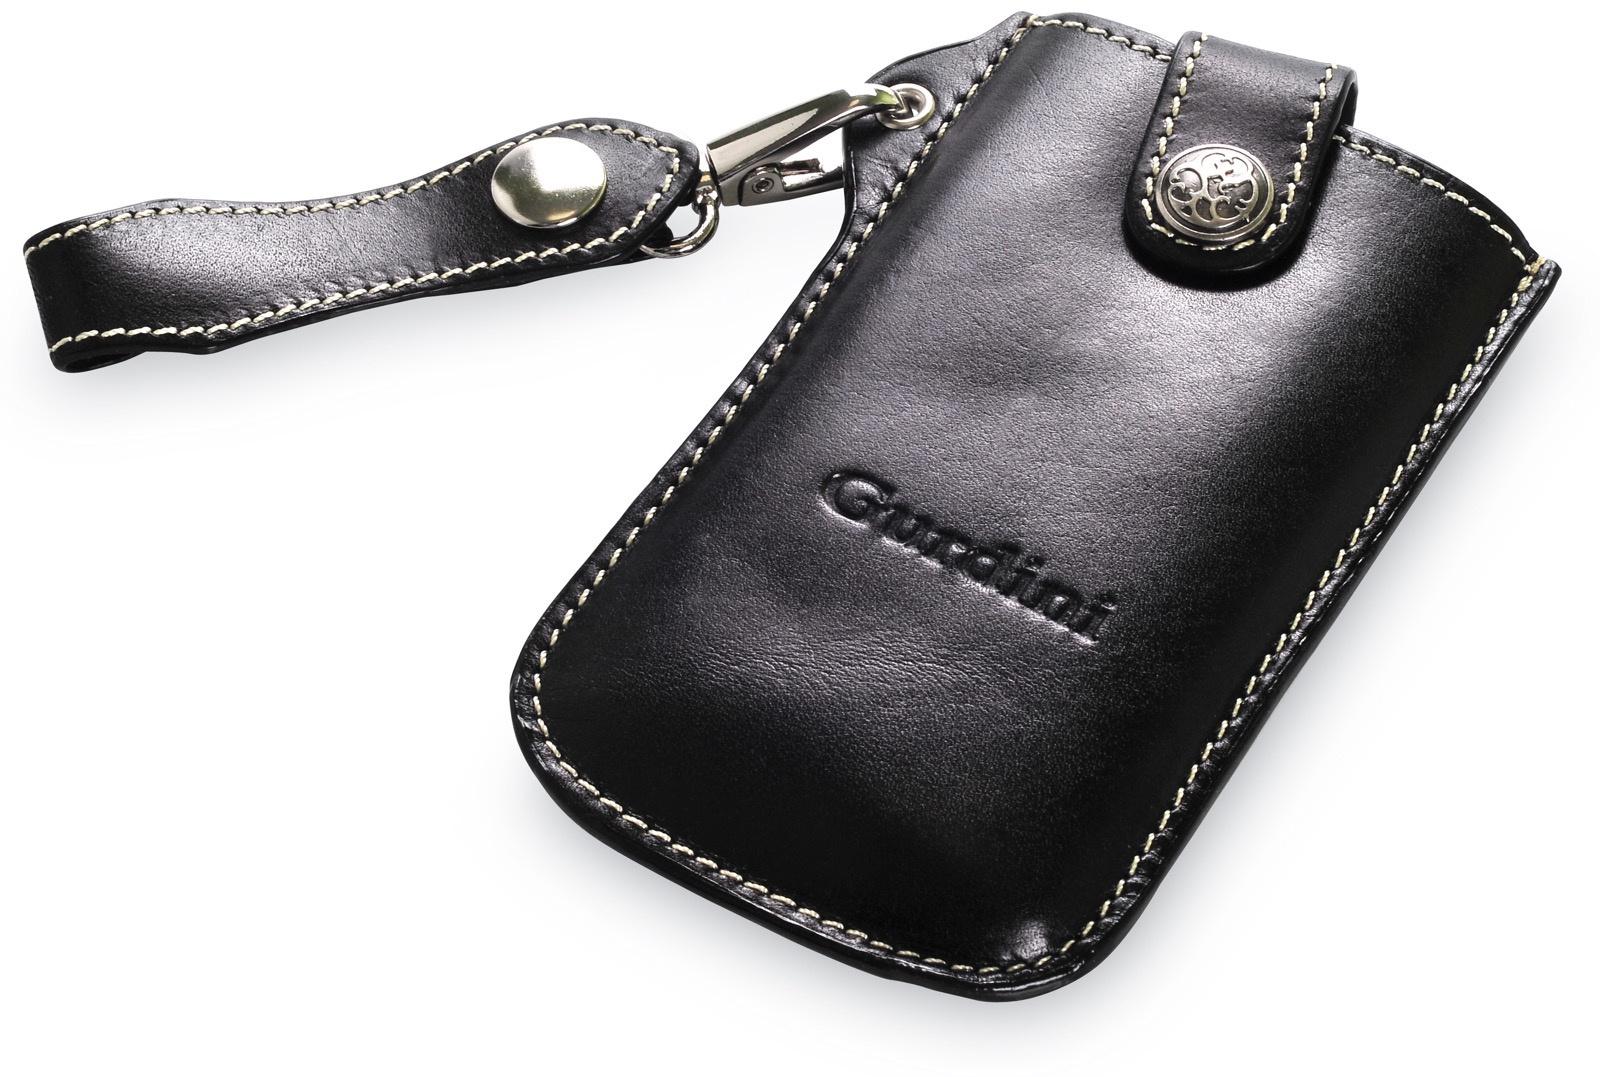 Чехол для сотового телефона Gurdini кармашек вертикальный на пояс для Apple iPhone 5/5S/SE, черный